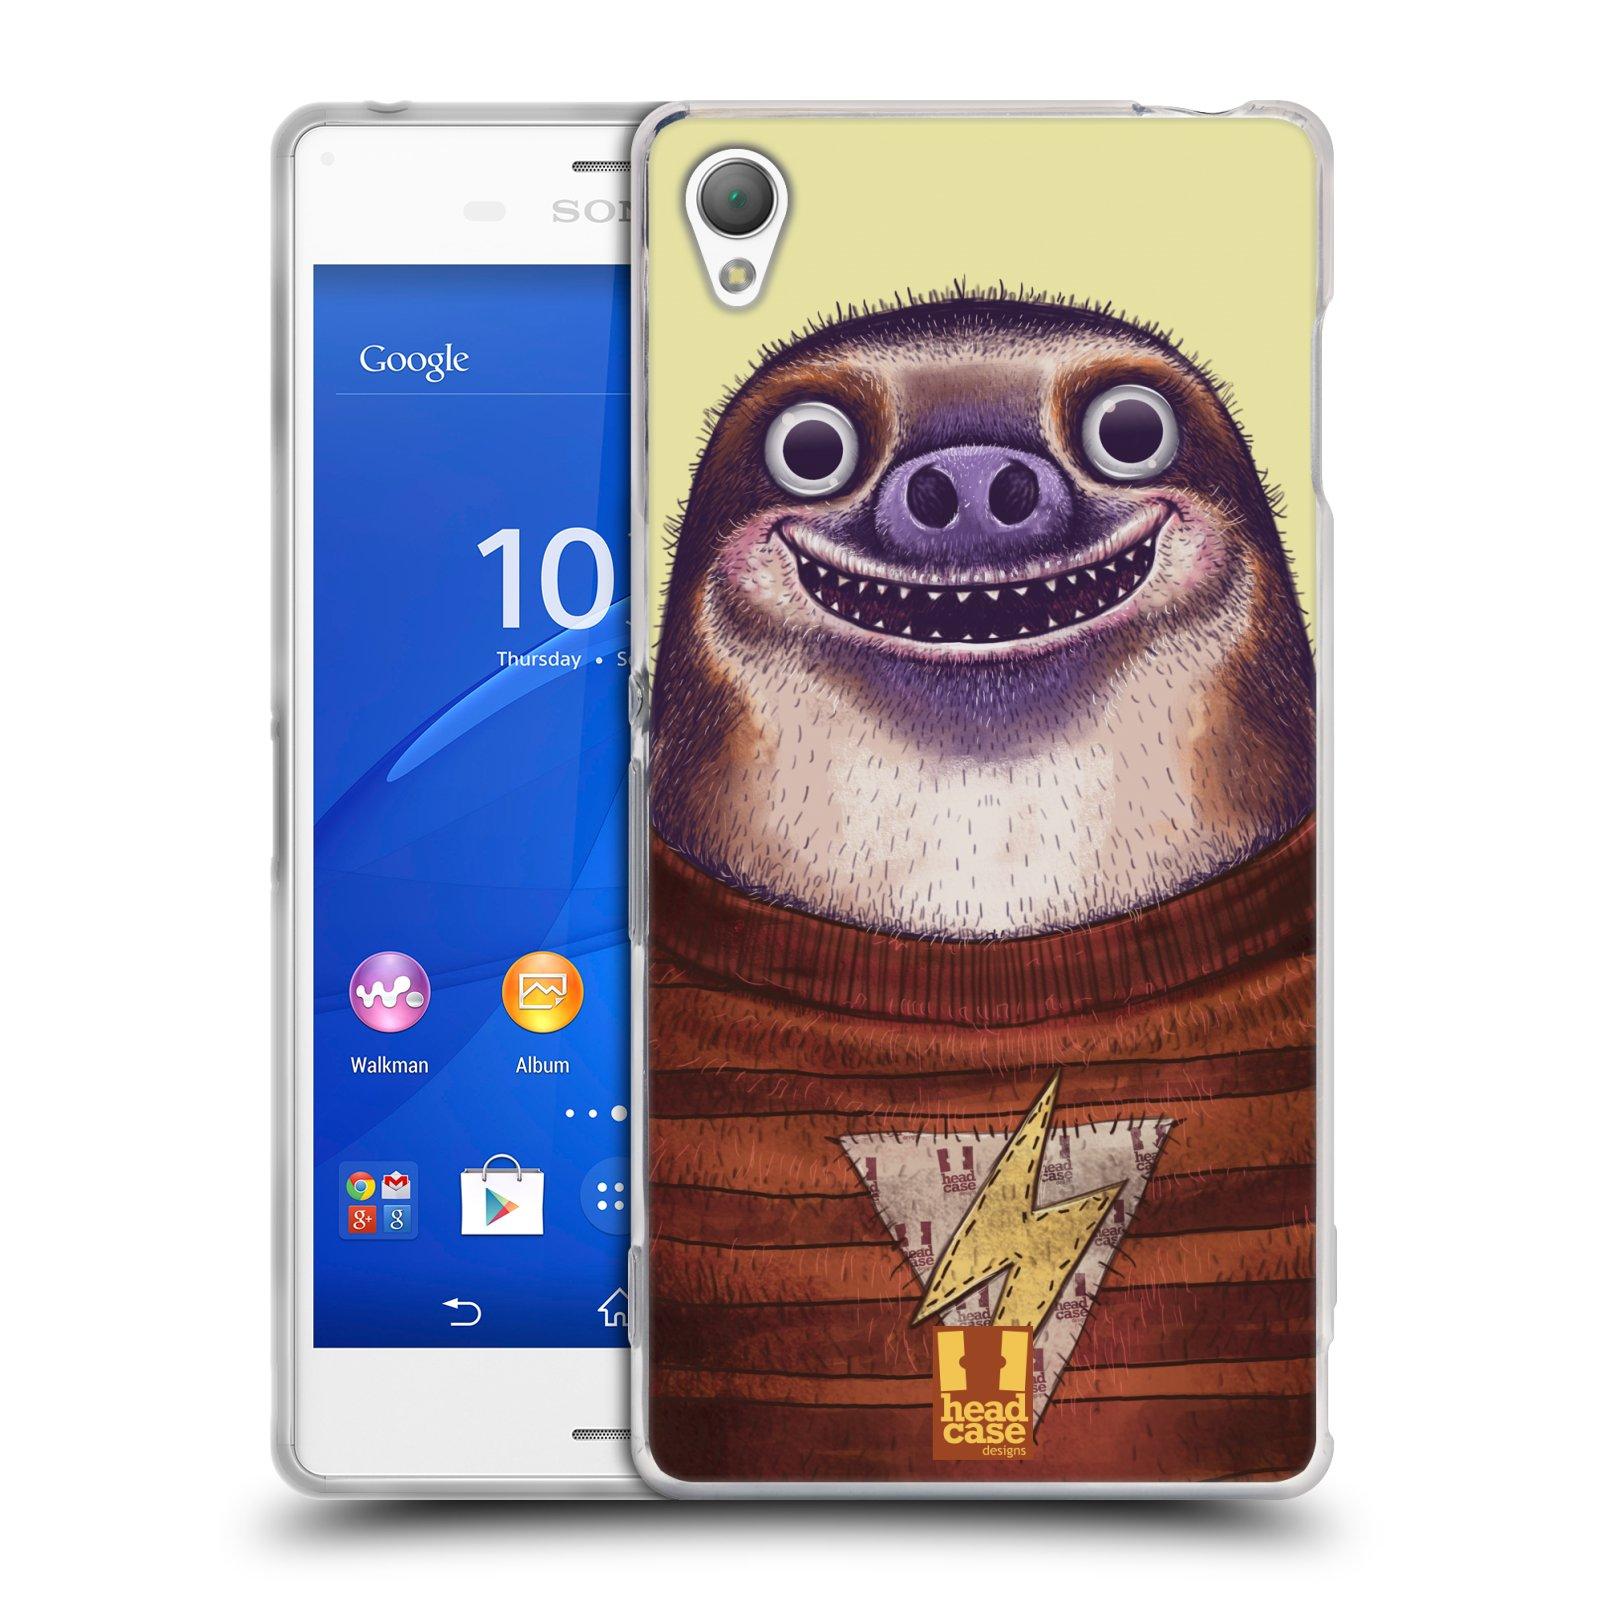 Silikonové pouzdro na mobil Sony Xperia Z3 D6603 HEAD CASE ANIMPLA LENOCHOD